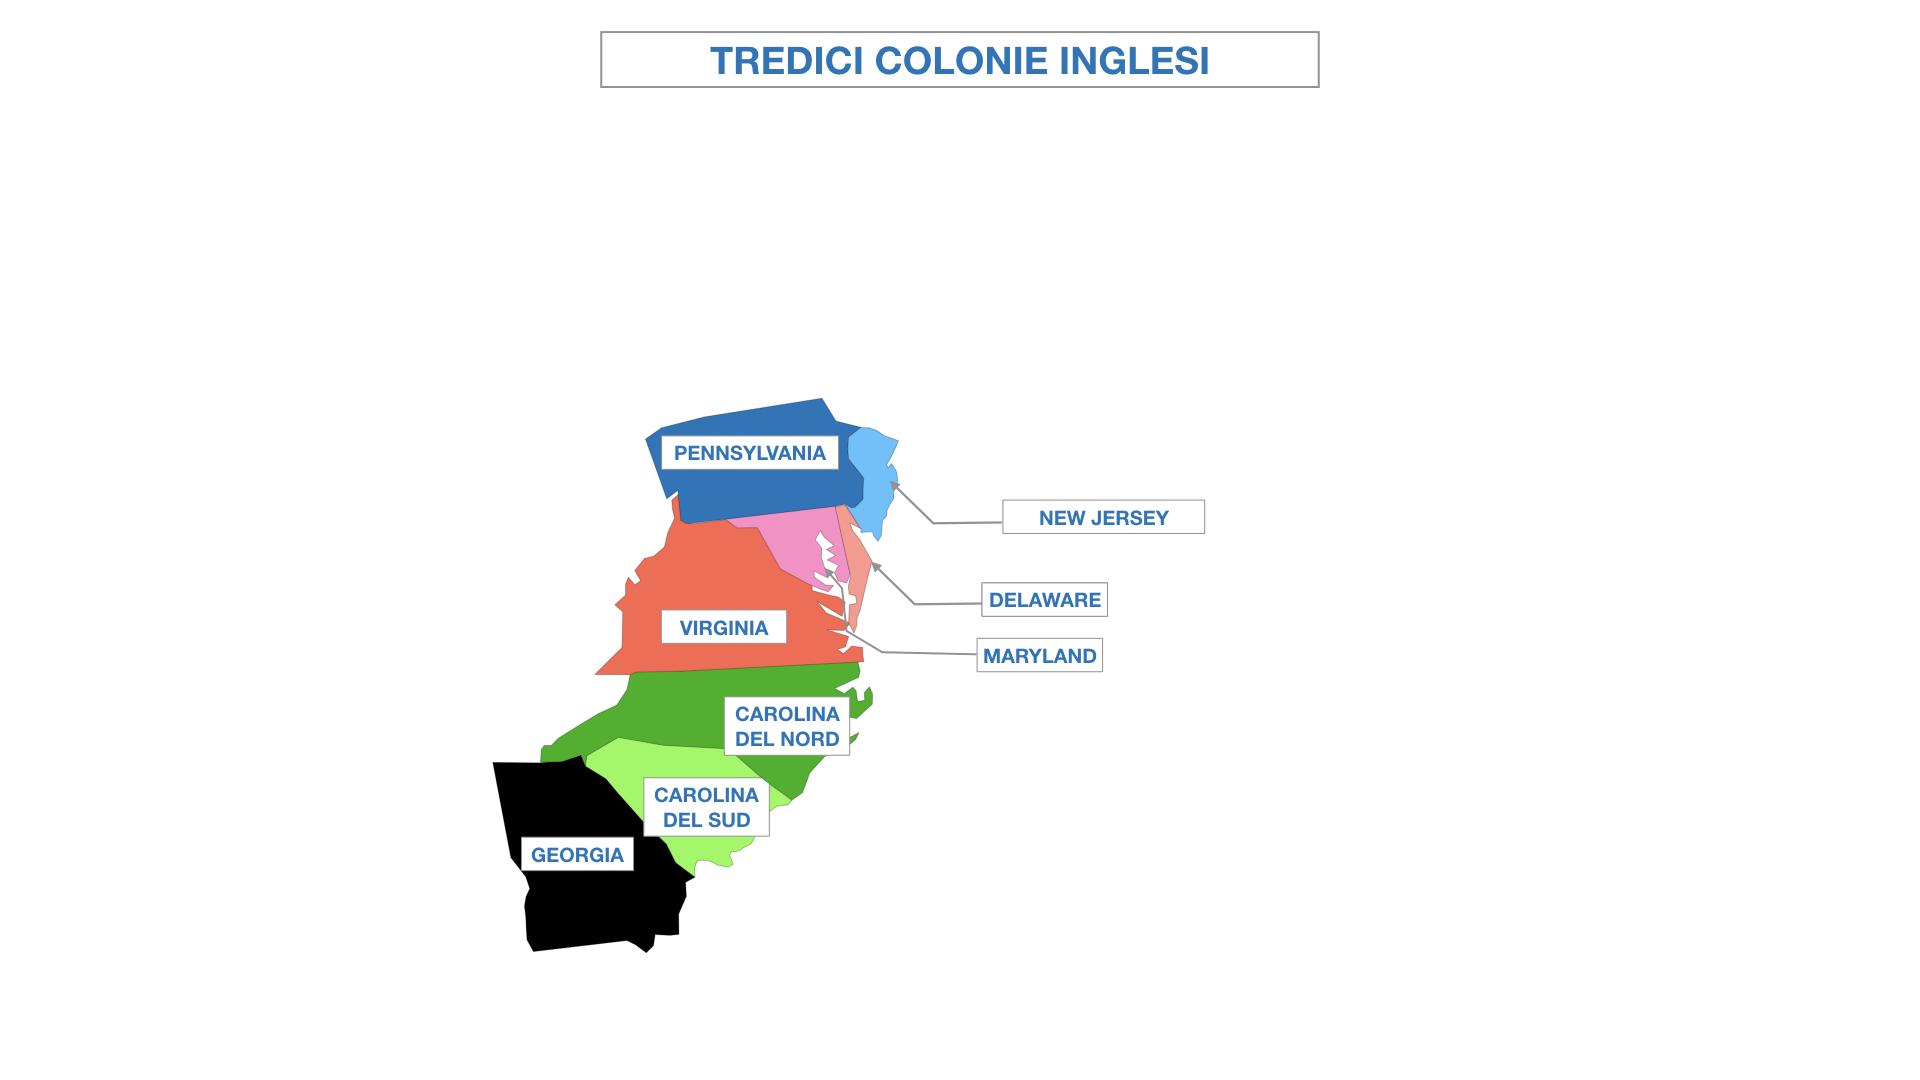 AMERICA LE TREDICI COLONIE INGLESI SIMULAZIONE.030